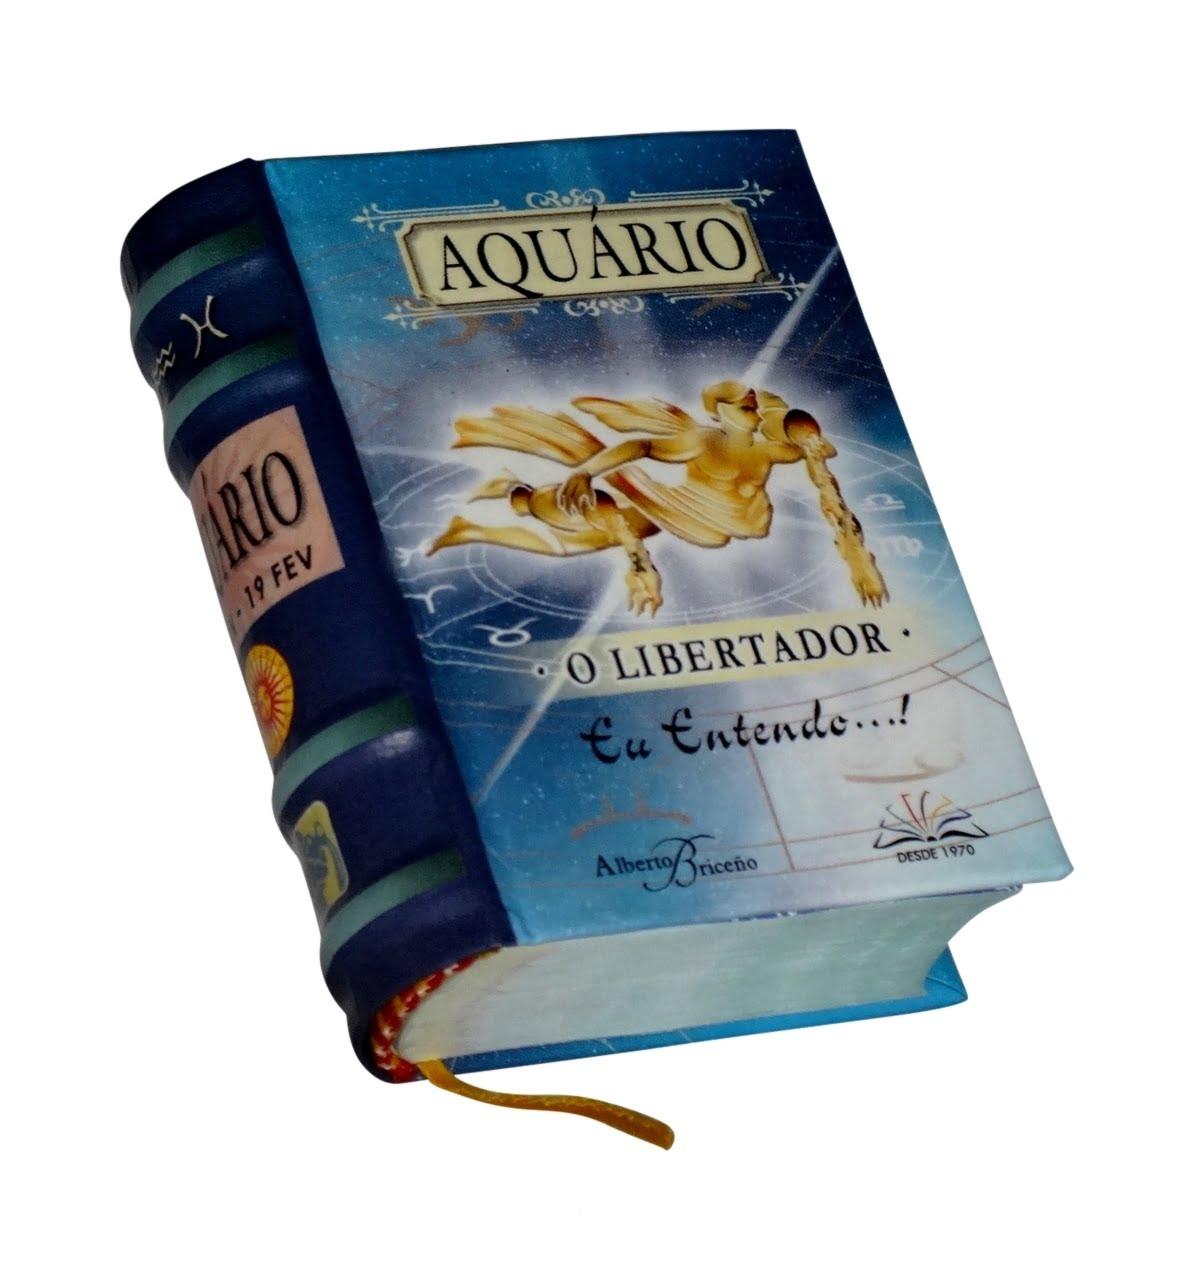 aquario_portugues-miniature-book-libro